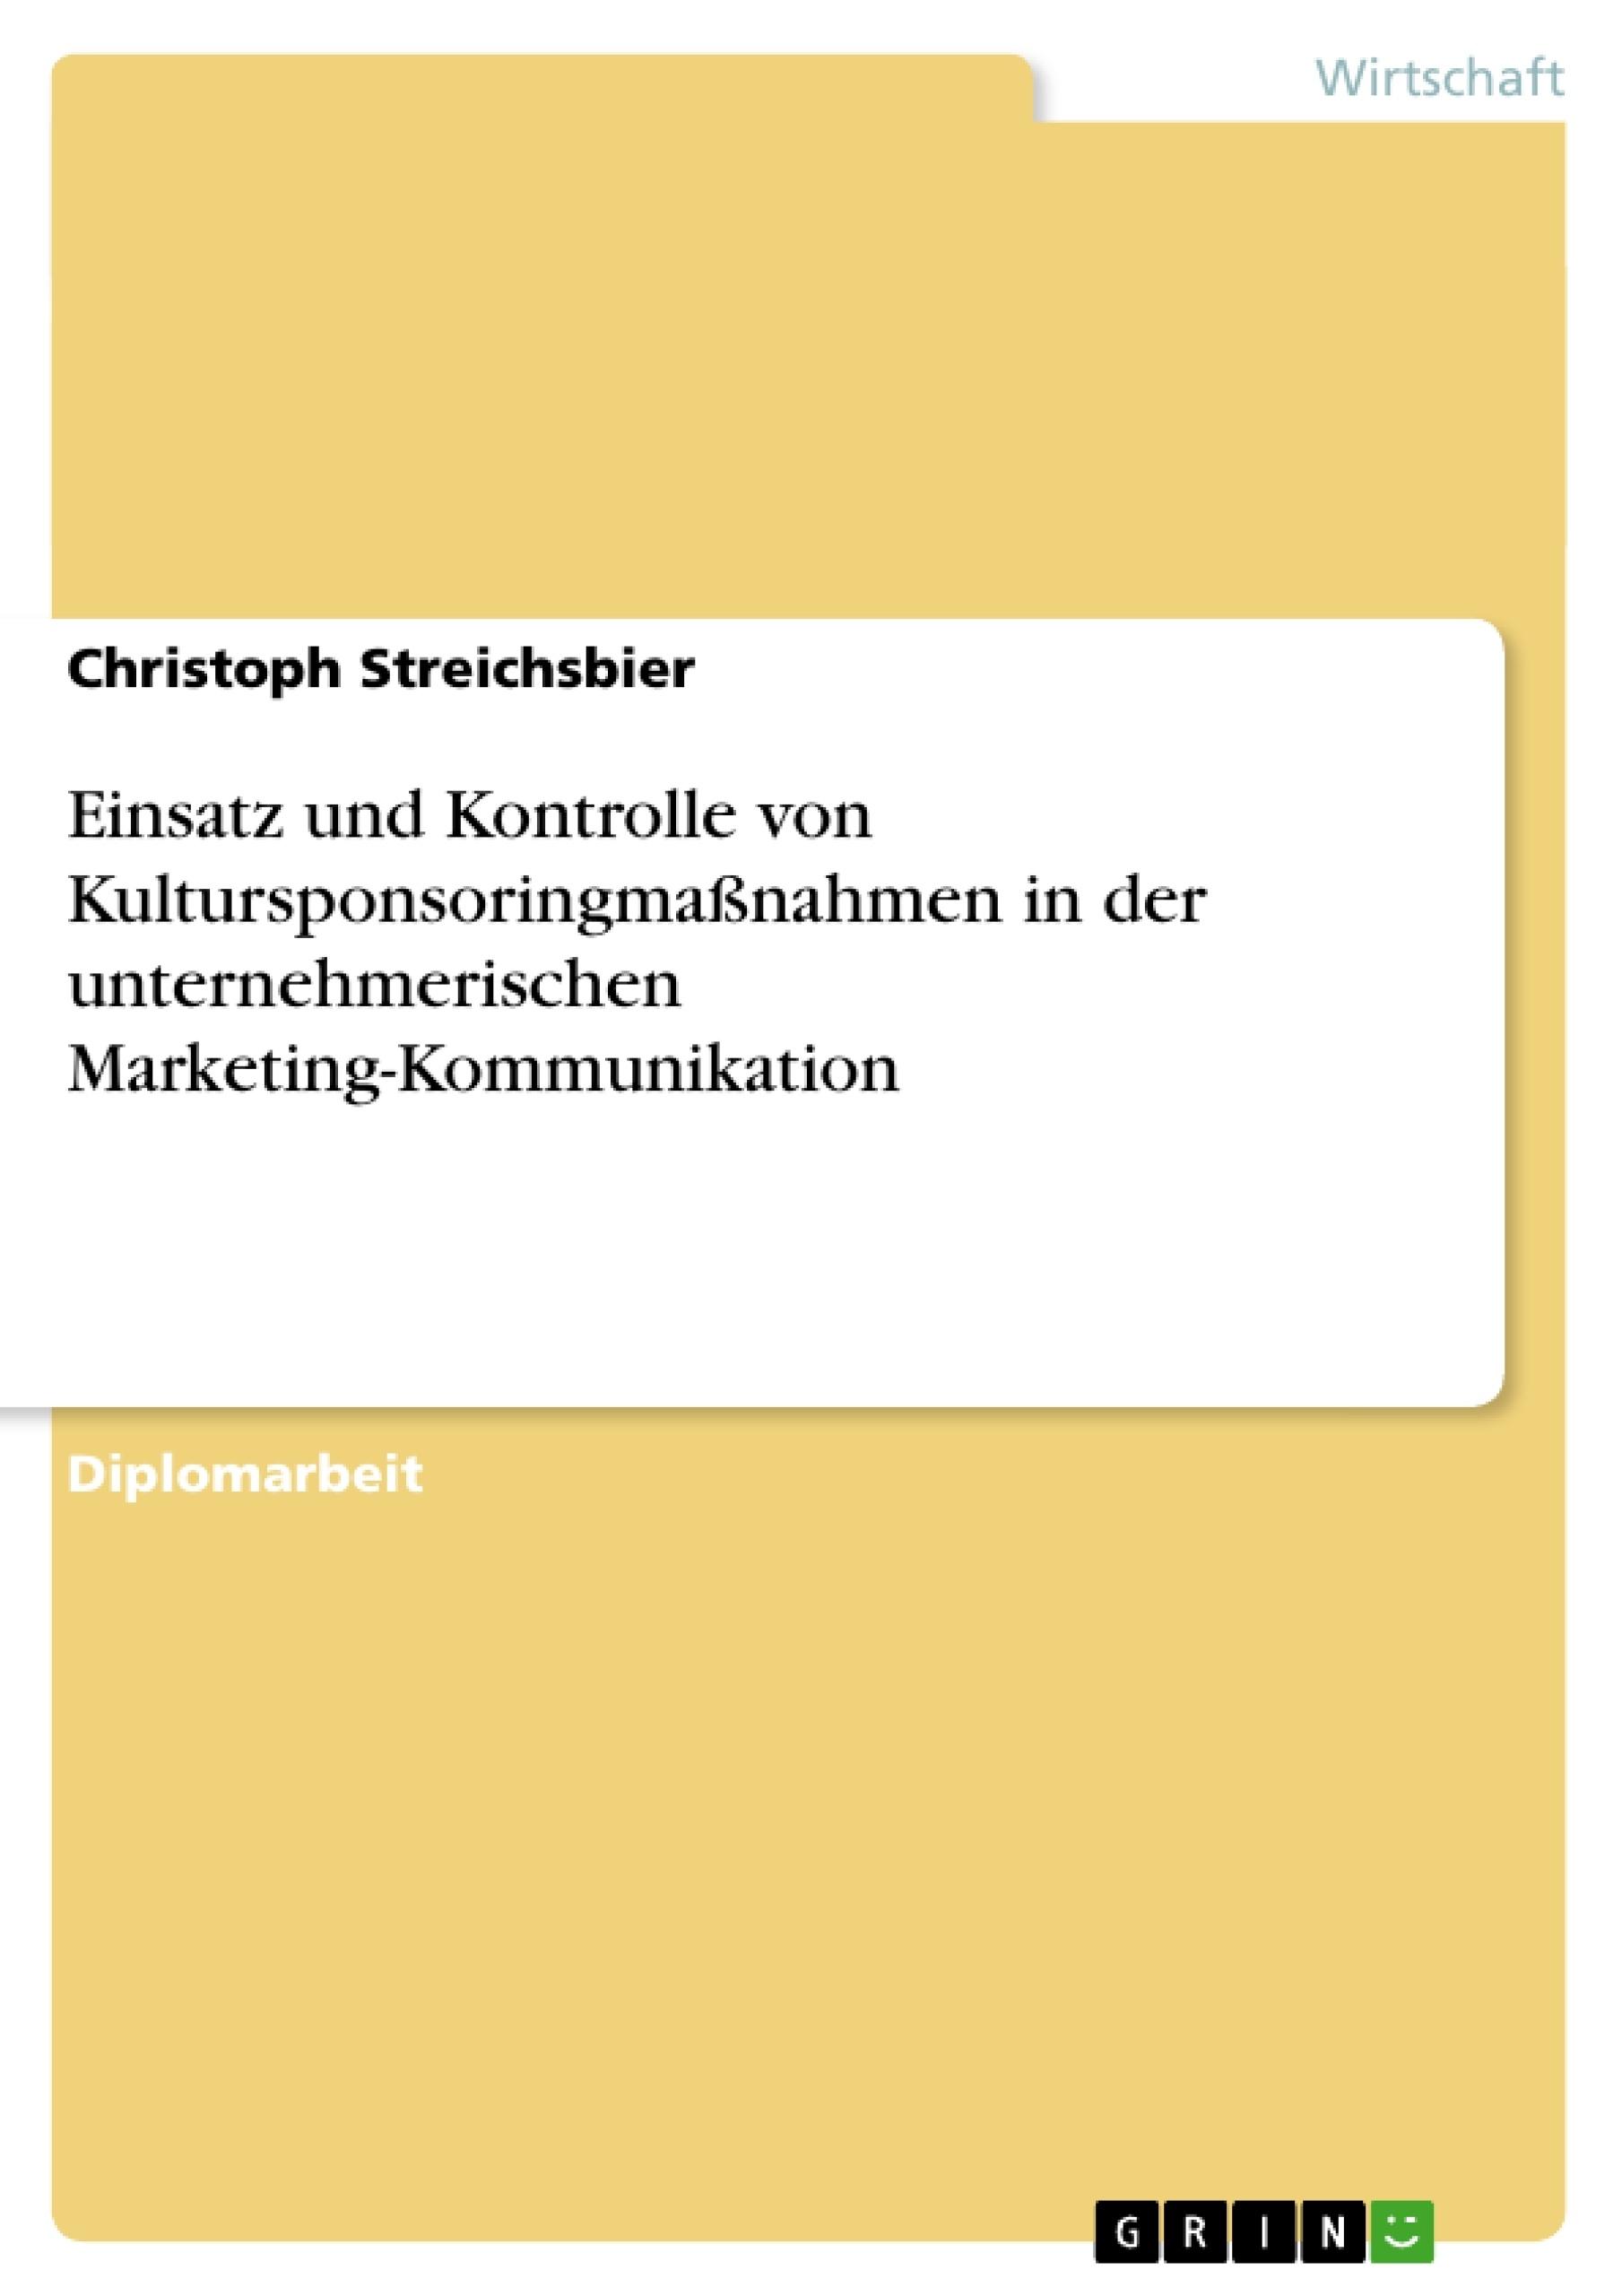 Titel: Einsatz und Kontrolle von Kultursponsoringmaßnahmen in der unternehmerischen Marketing-Kommunikation